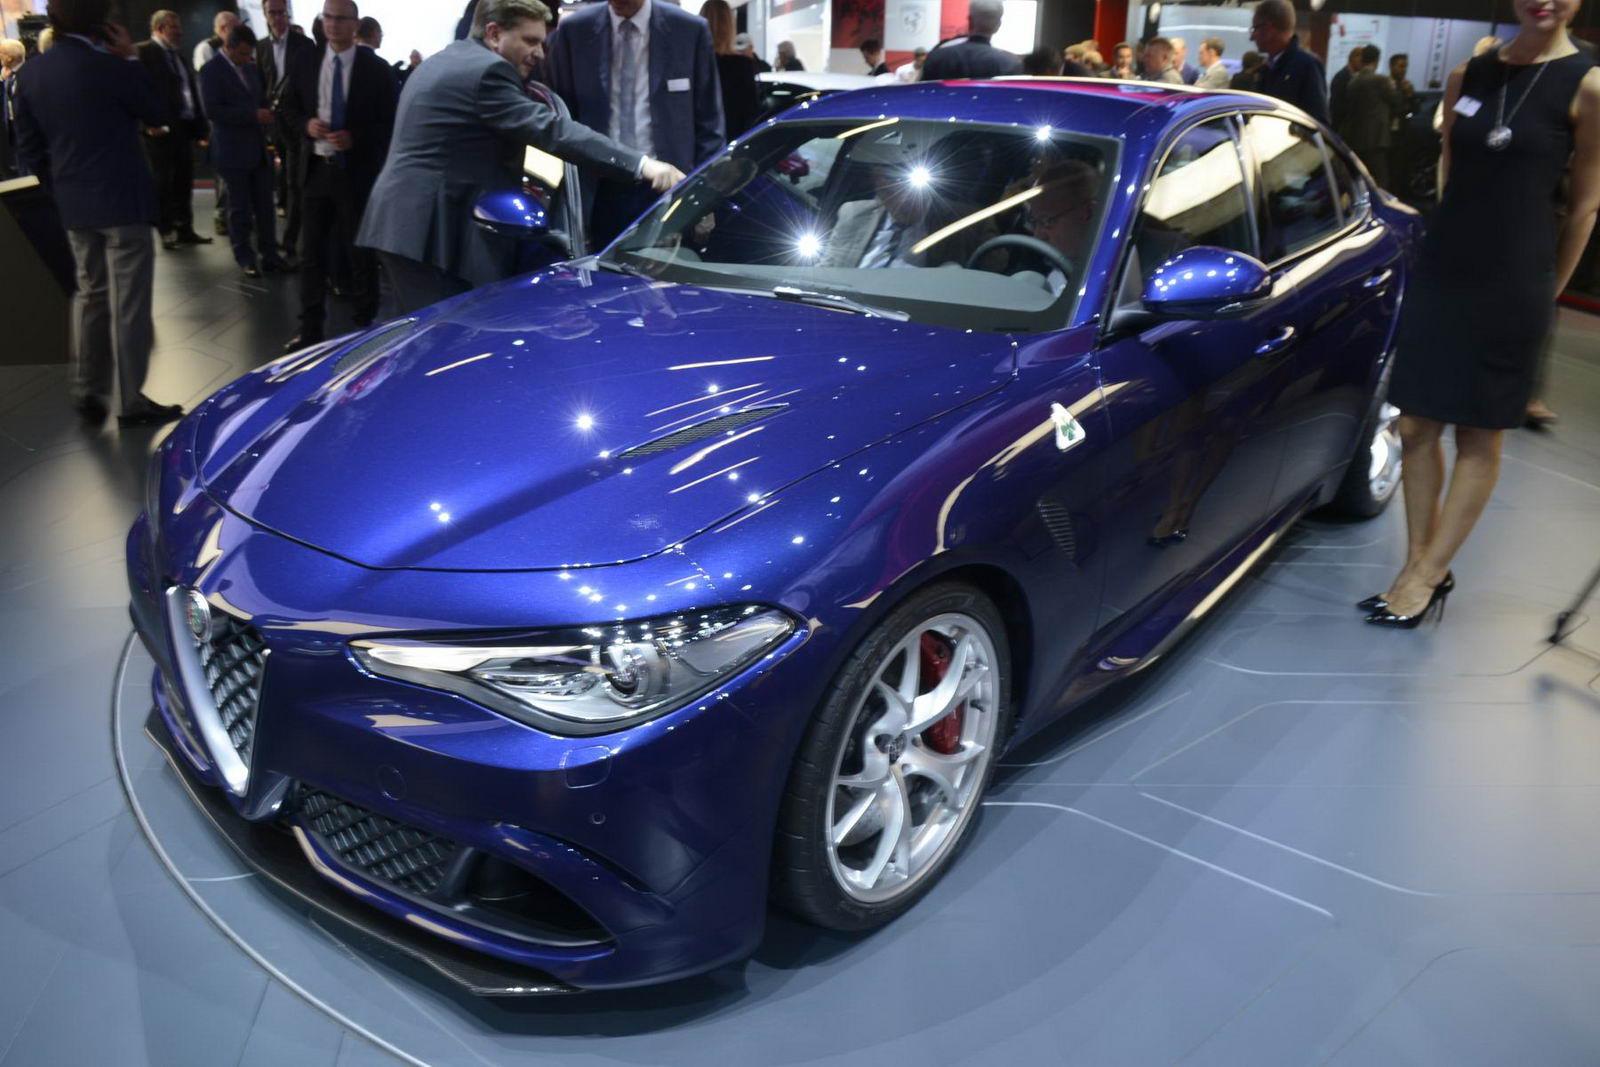 Alfa Romeo Giulia Qv Comes Alive In New Image Gallery And